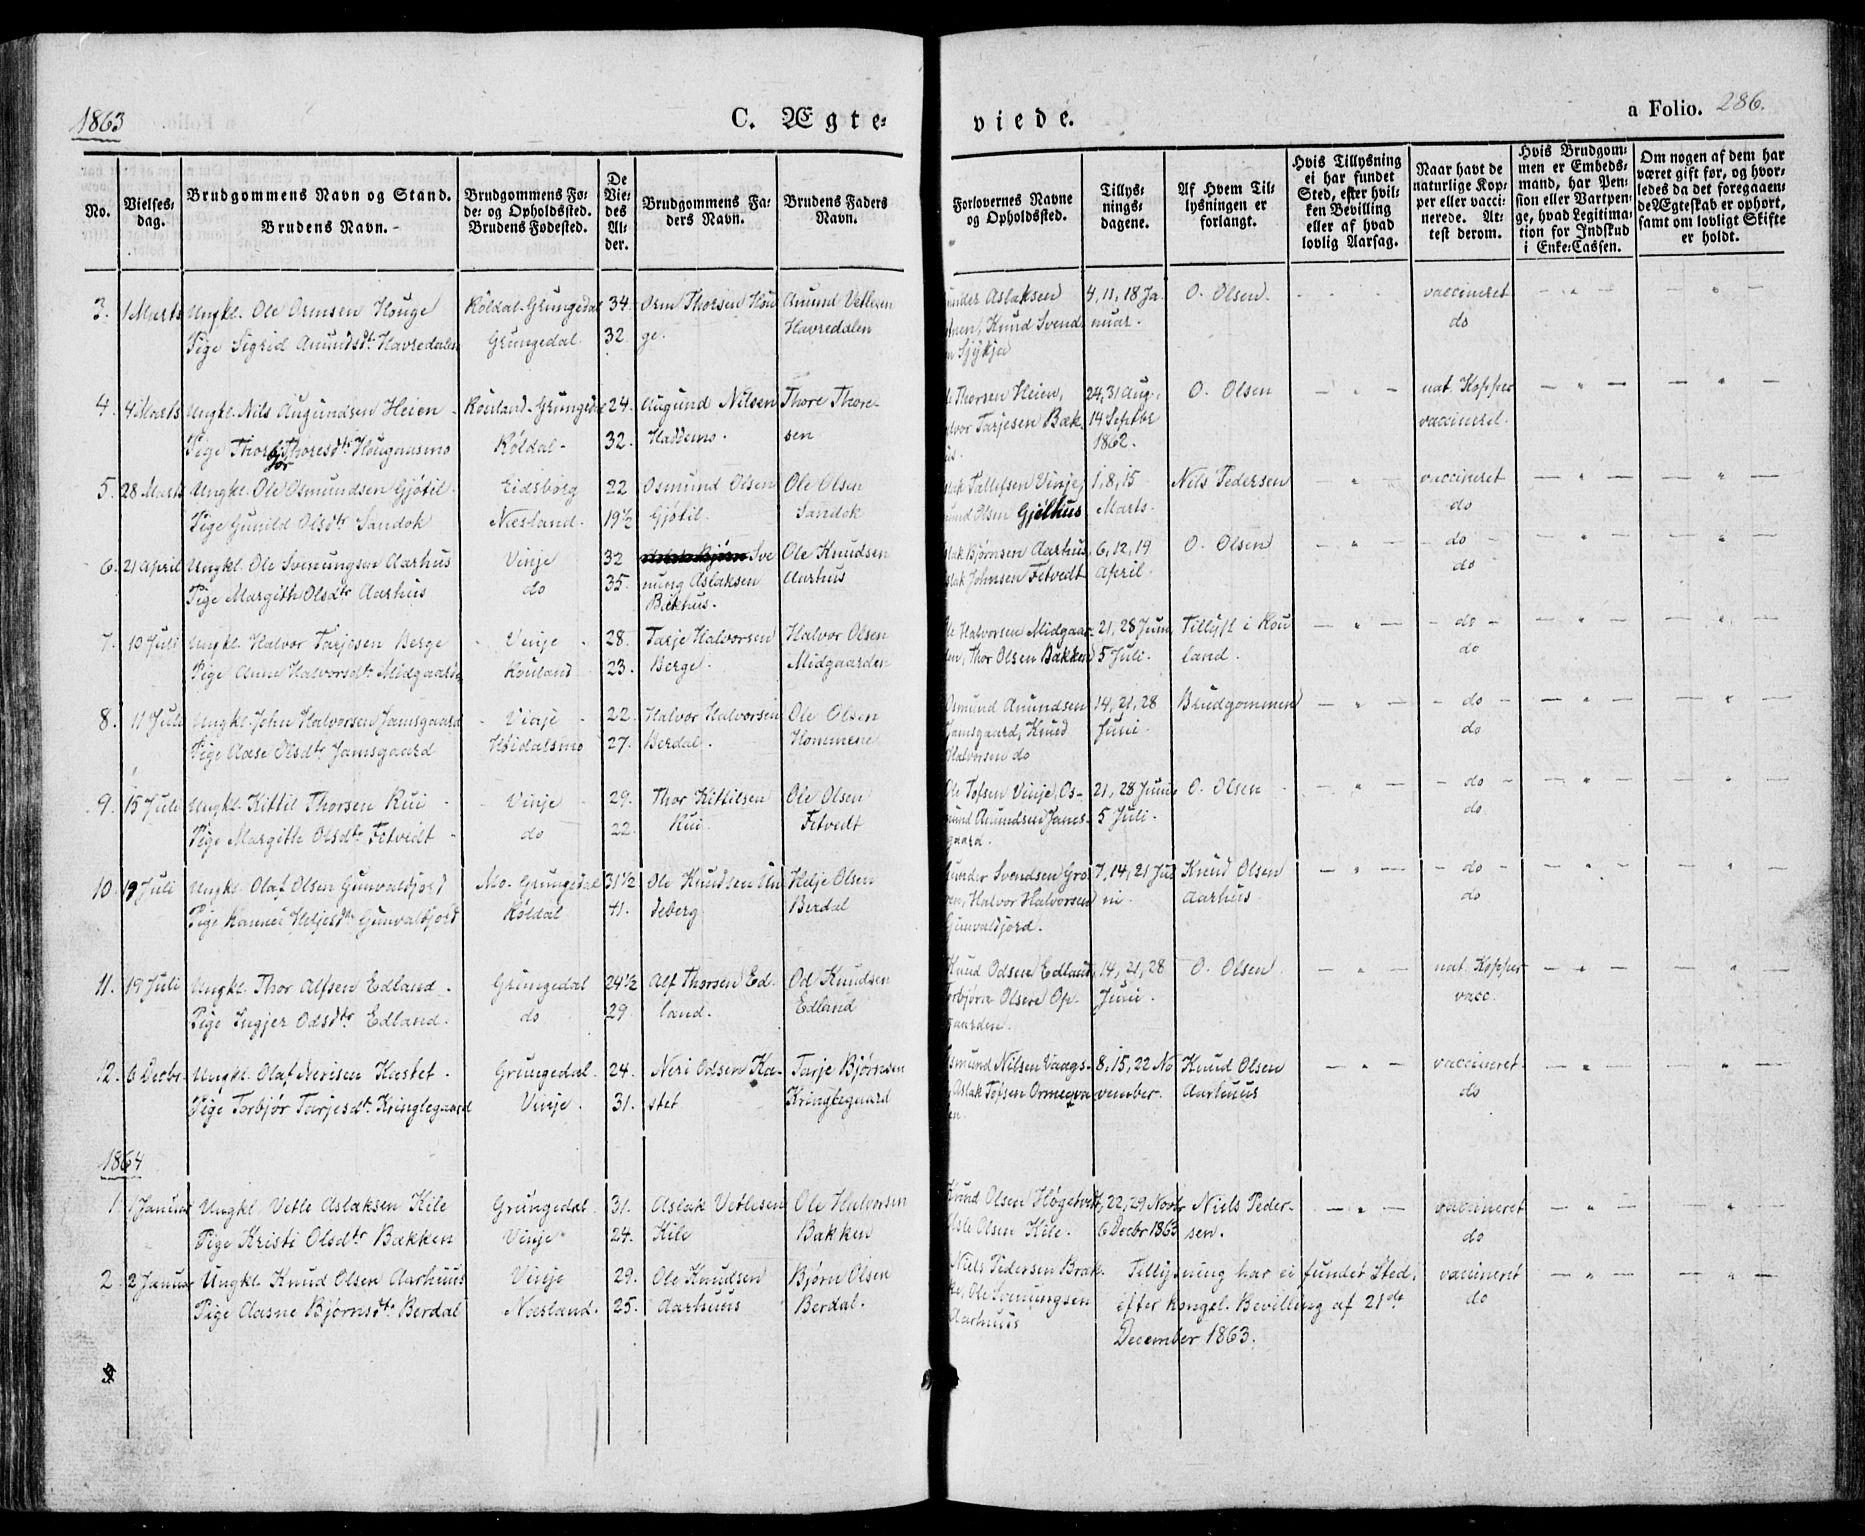 SAKO, Vinje kirkebøker, F/Fa/L0004: Ministerialbok nr. I 4, 1843-1869, s. 286